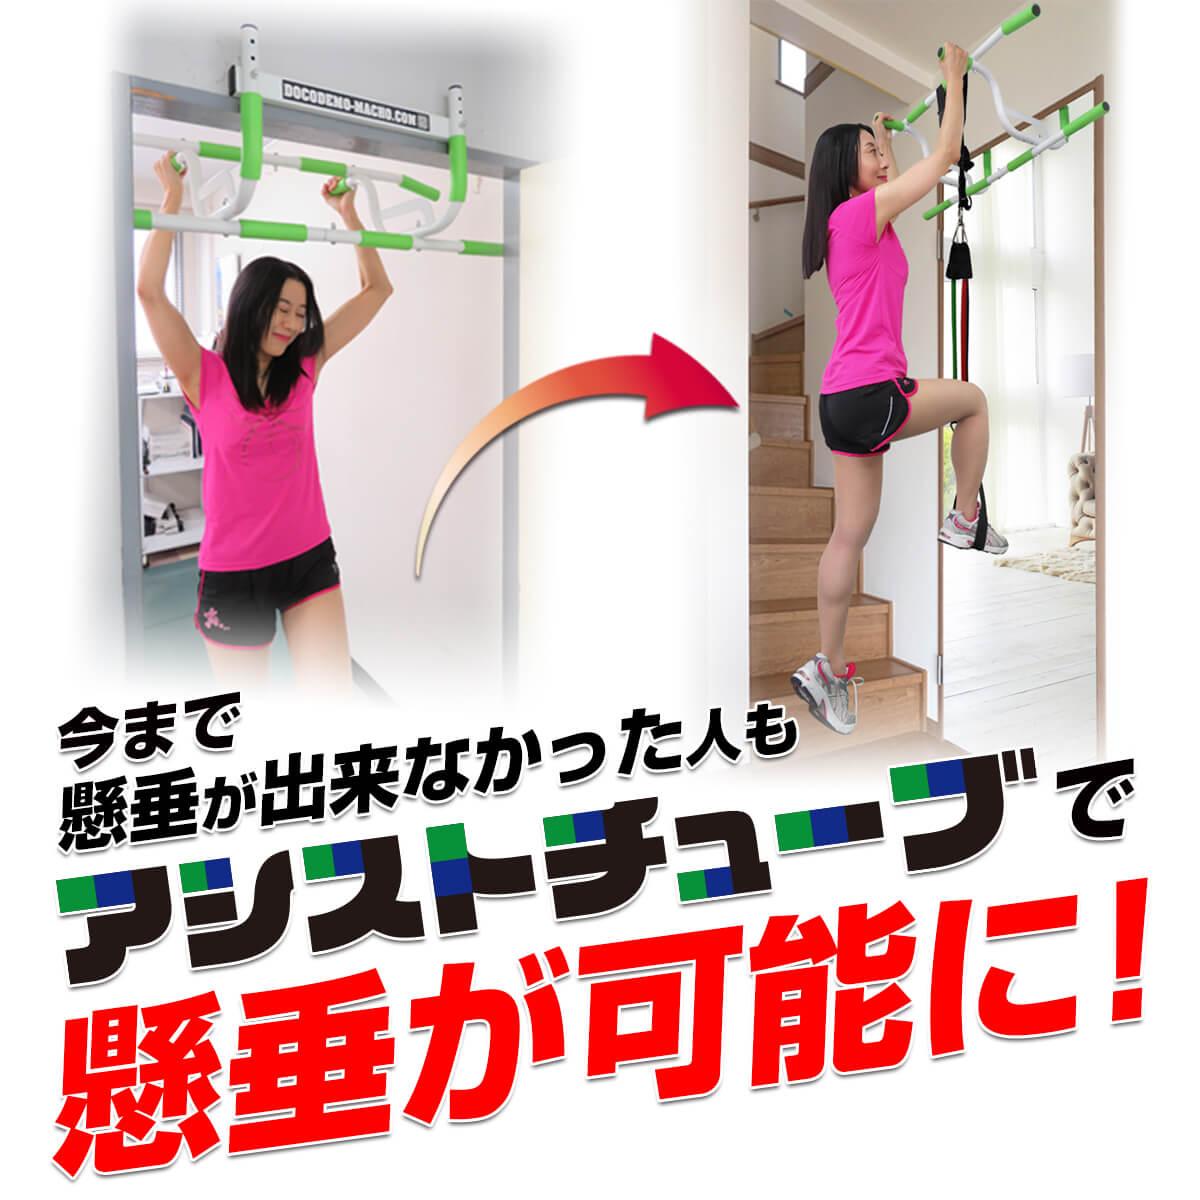 懸垂 自宅 ドア どこでもマッチョPROとアシストチューブのセット ぶら下がり健康器 マルチジム 腹筋 背筋